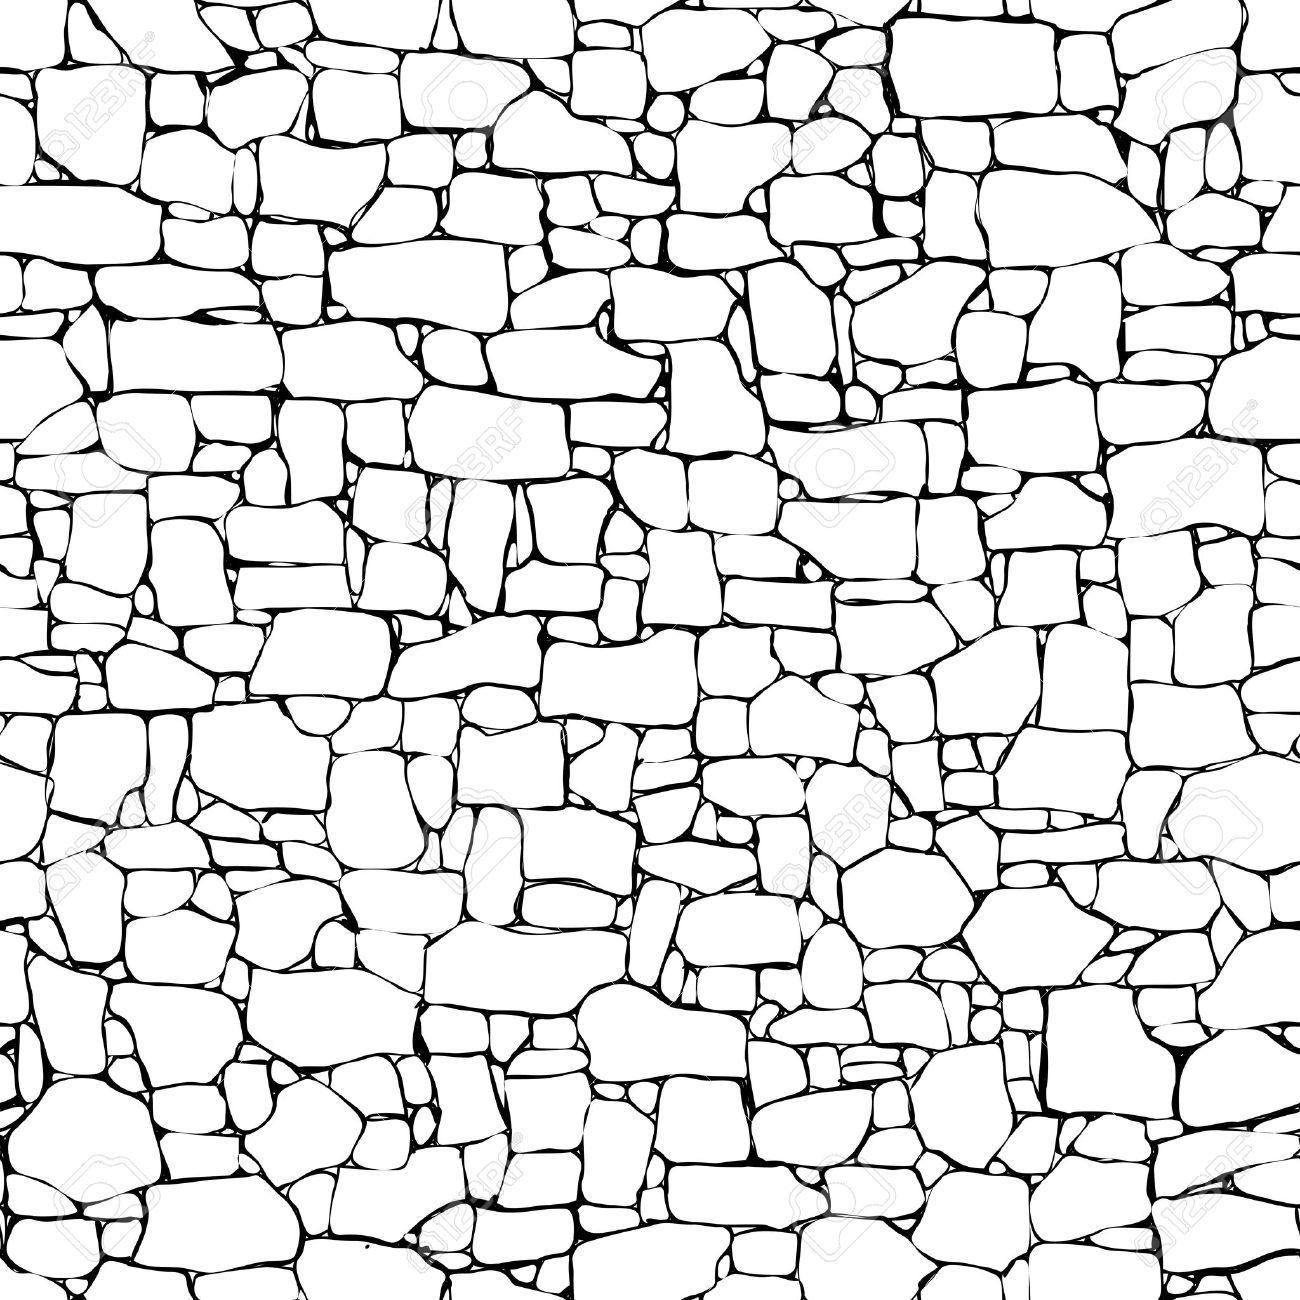 Broken Brick Wall Drawing At Getdrawings